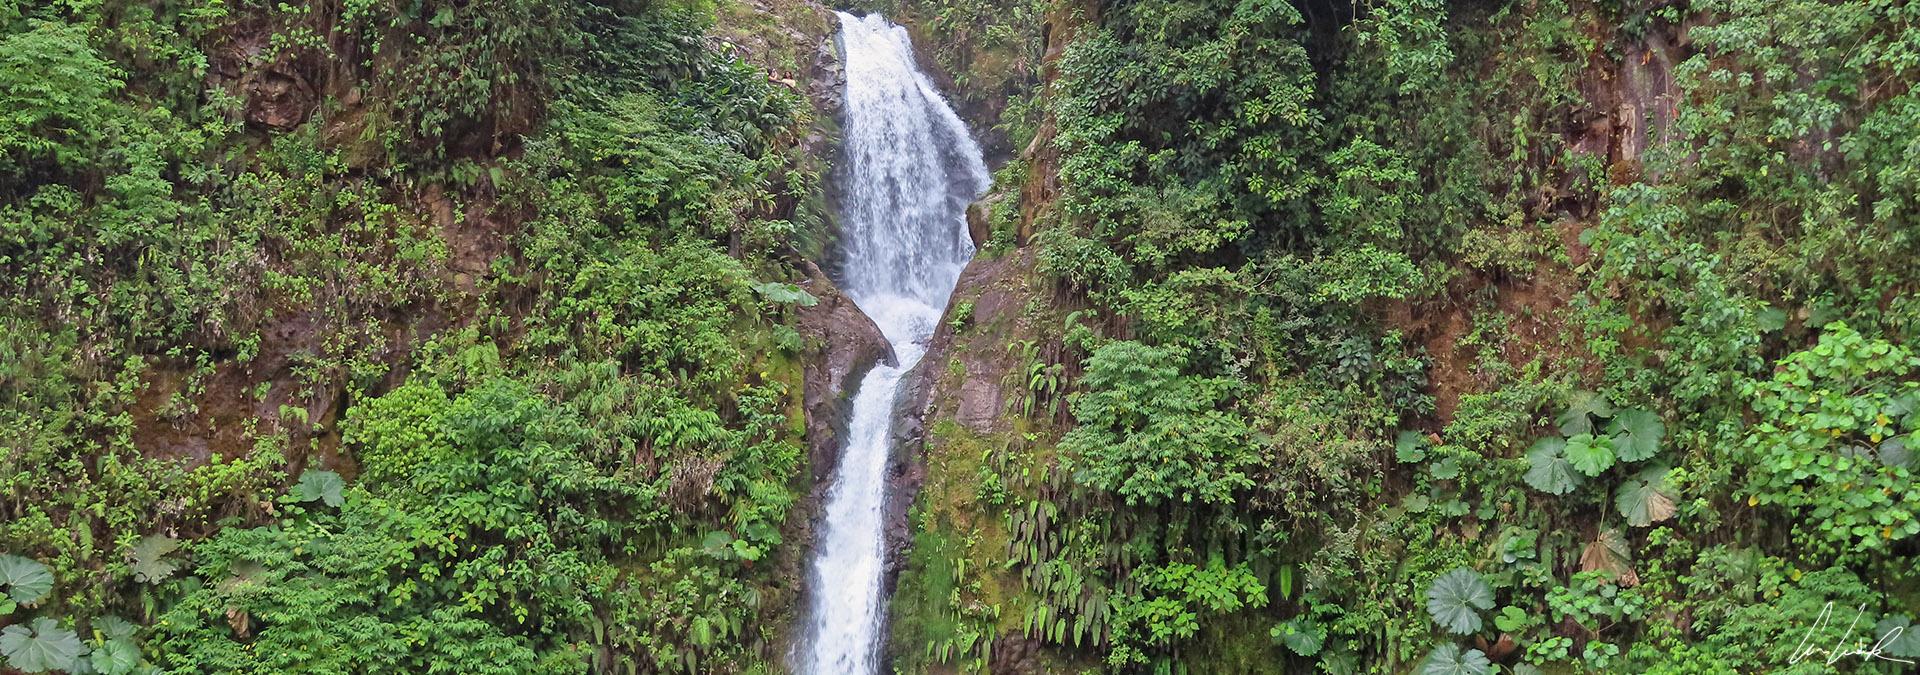 Voyage au cœur des forêts tropicales du Costa Rica